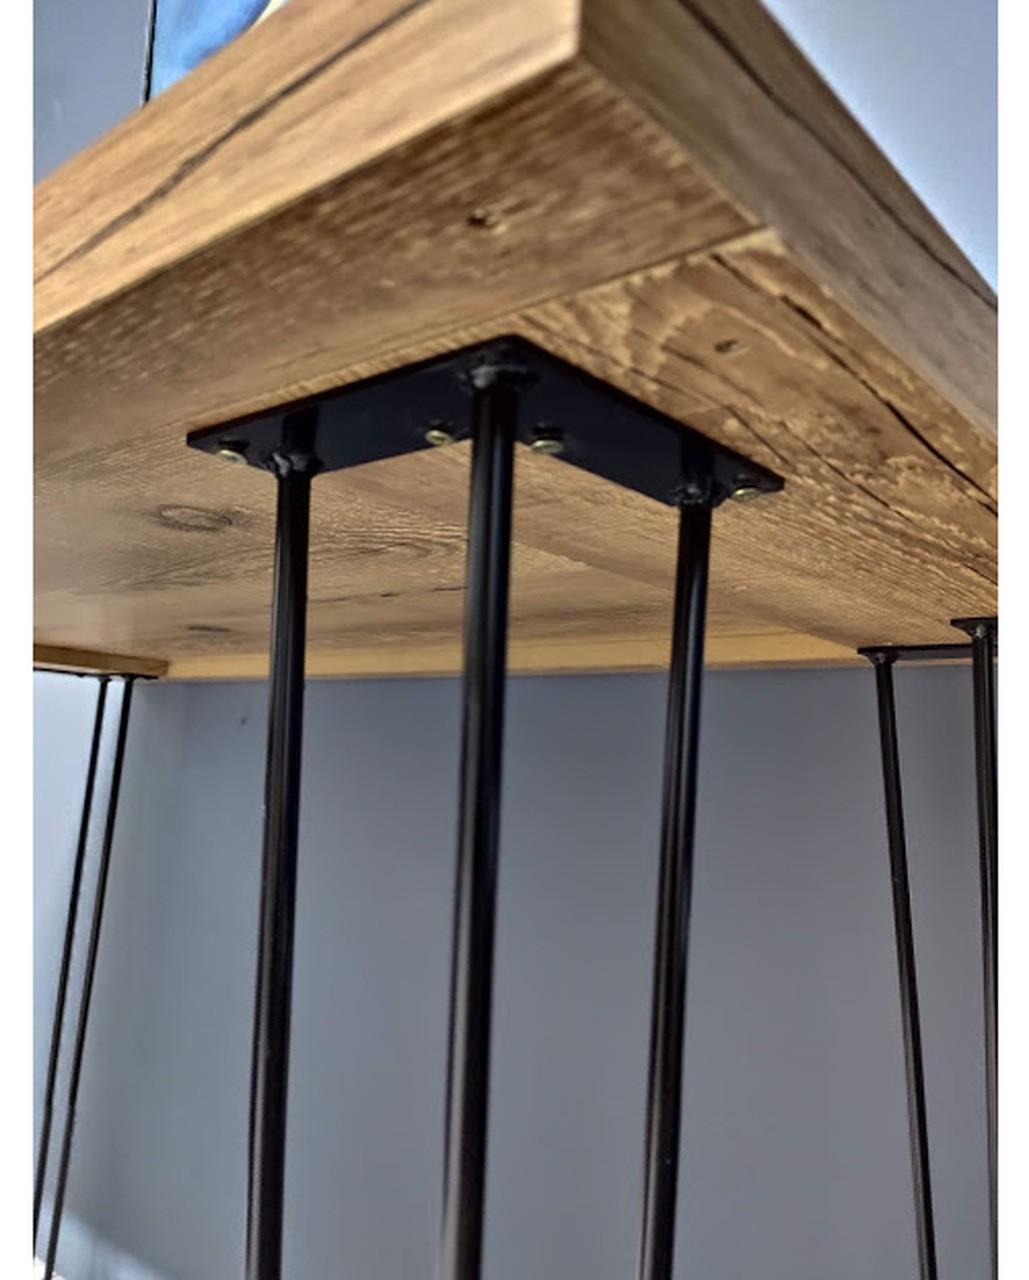 Mesa de Jantar Antiqua com Hairpin Legs e Tampo 100% MDF 30mm (Não acompanha cadeiras)  - Mtne Store